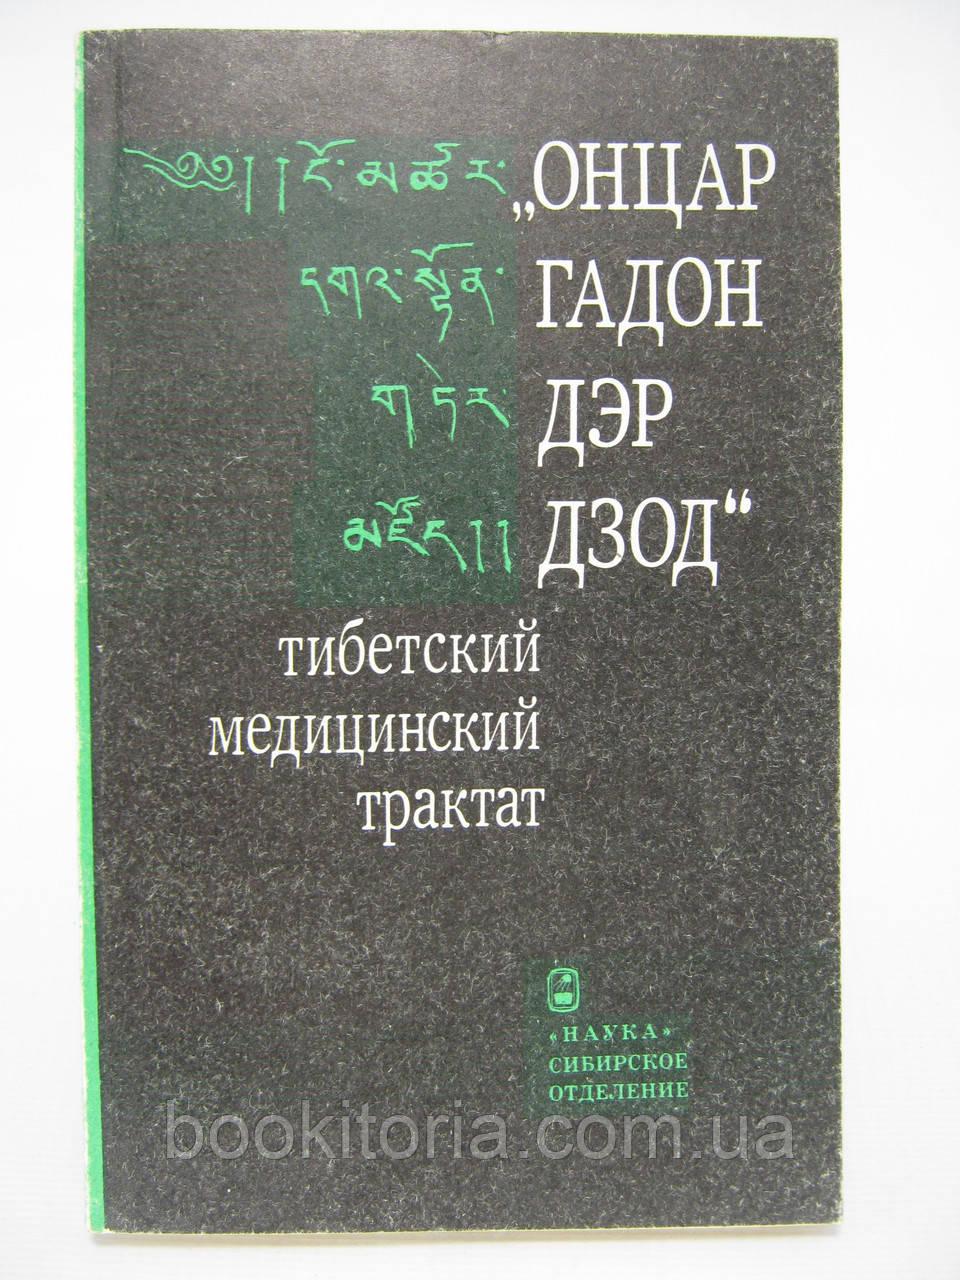 «Онцар гадон дэр дзод» - тибетский медицинский трактат (б/у).